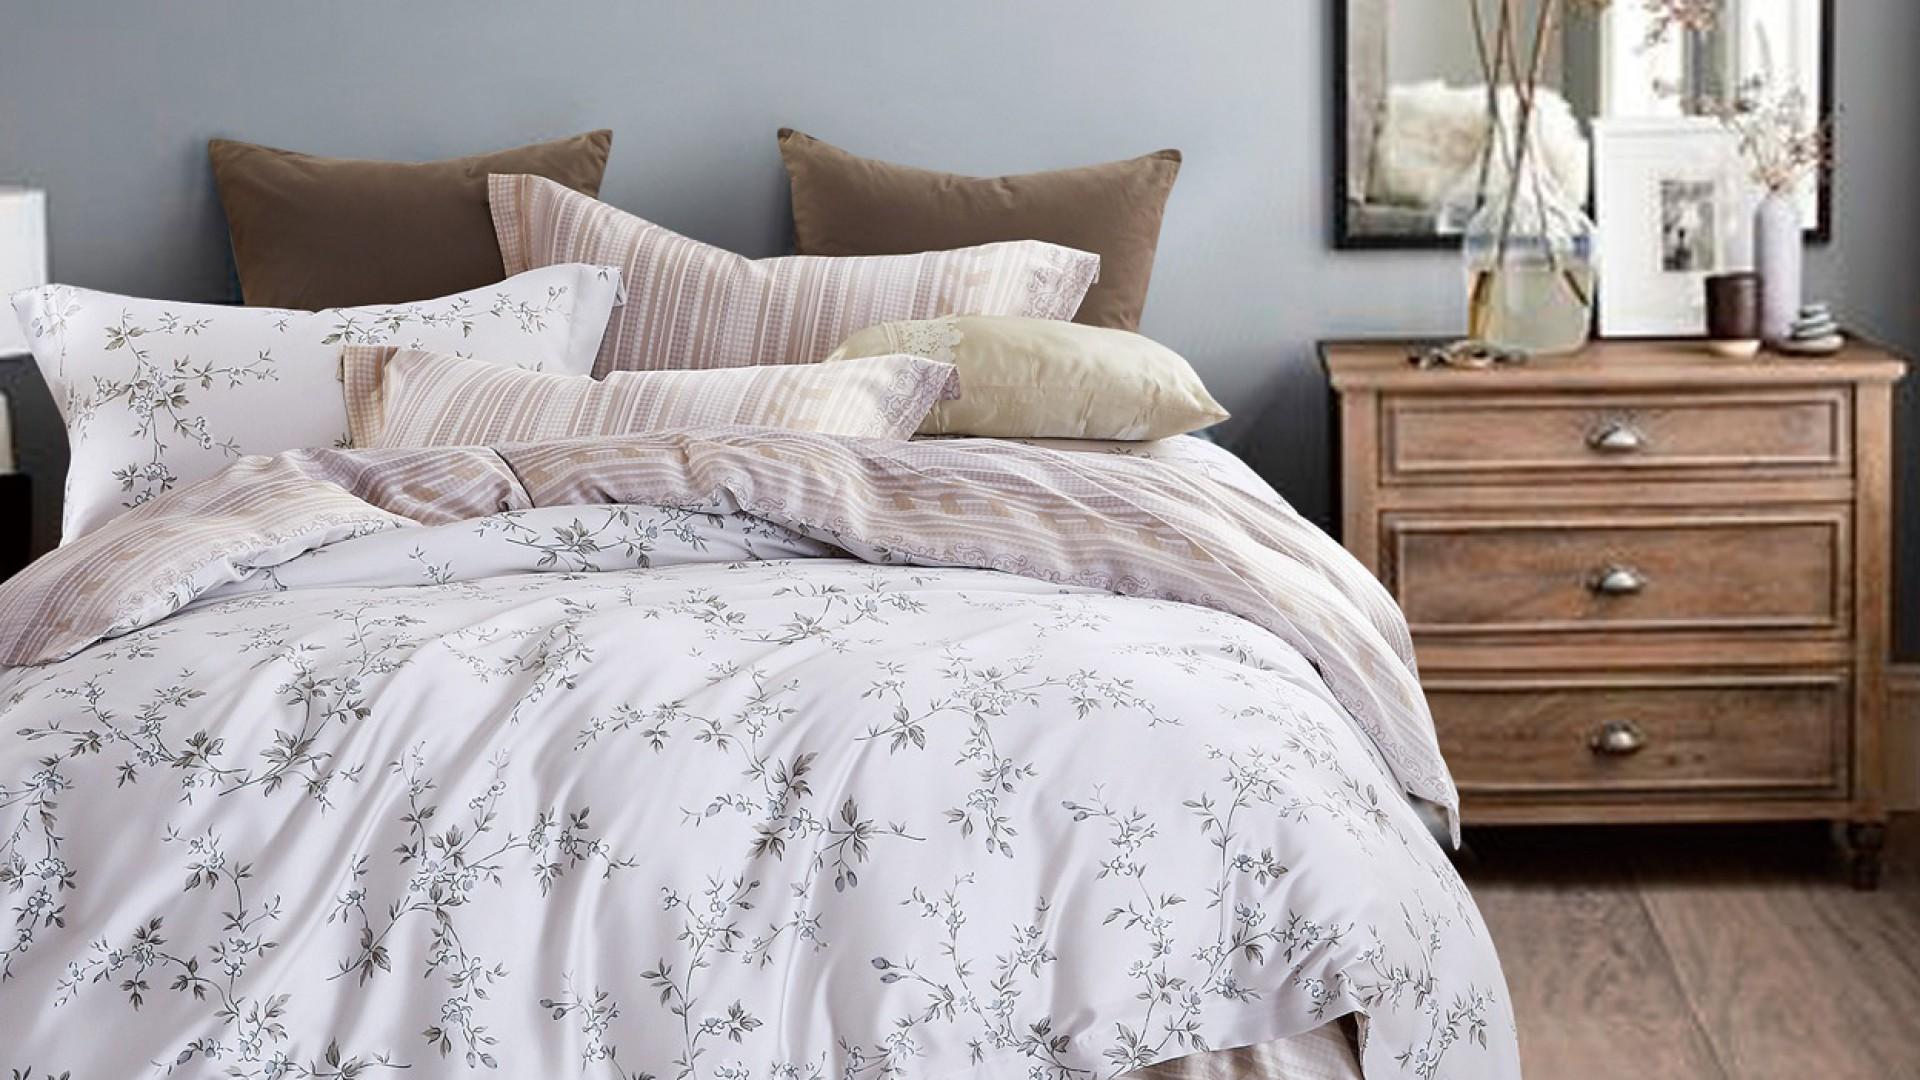 Bedclothes (percale) - yorumlar. Hangi kumaş yatak için daha iyidir 49